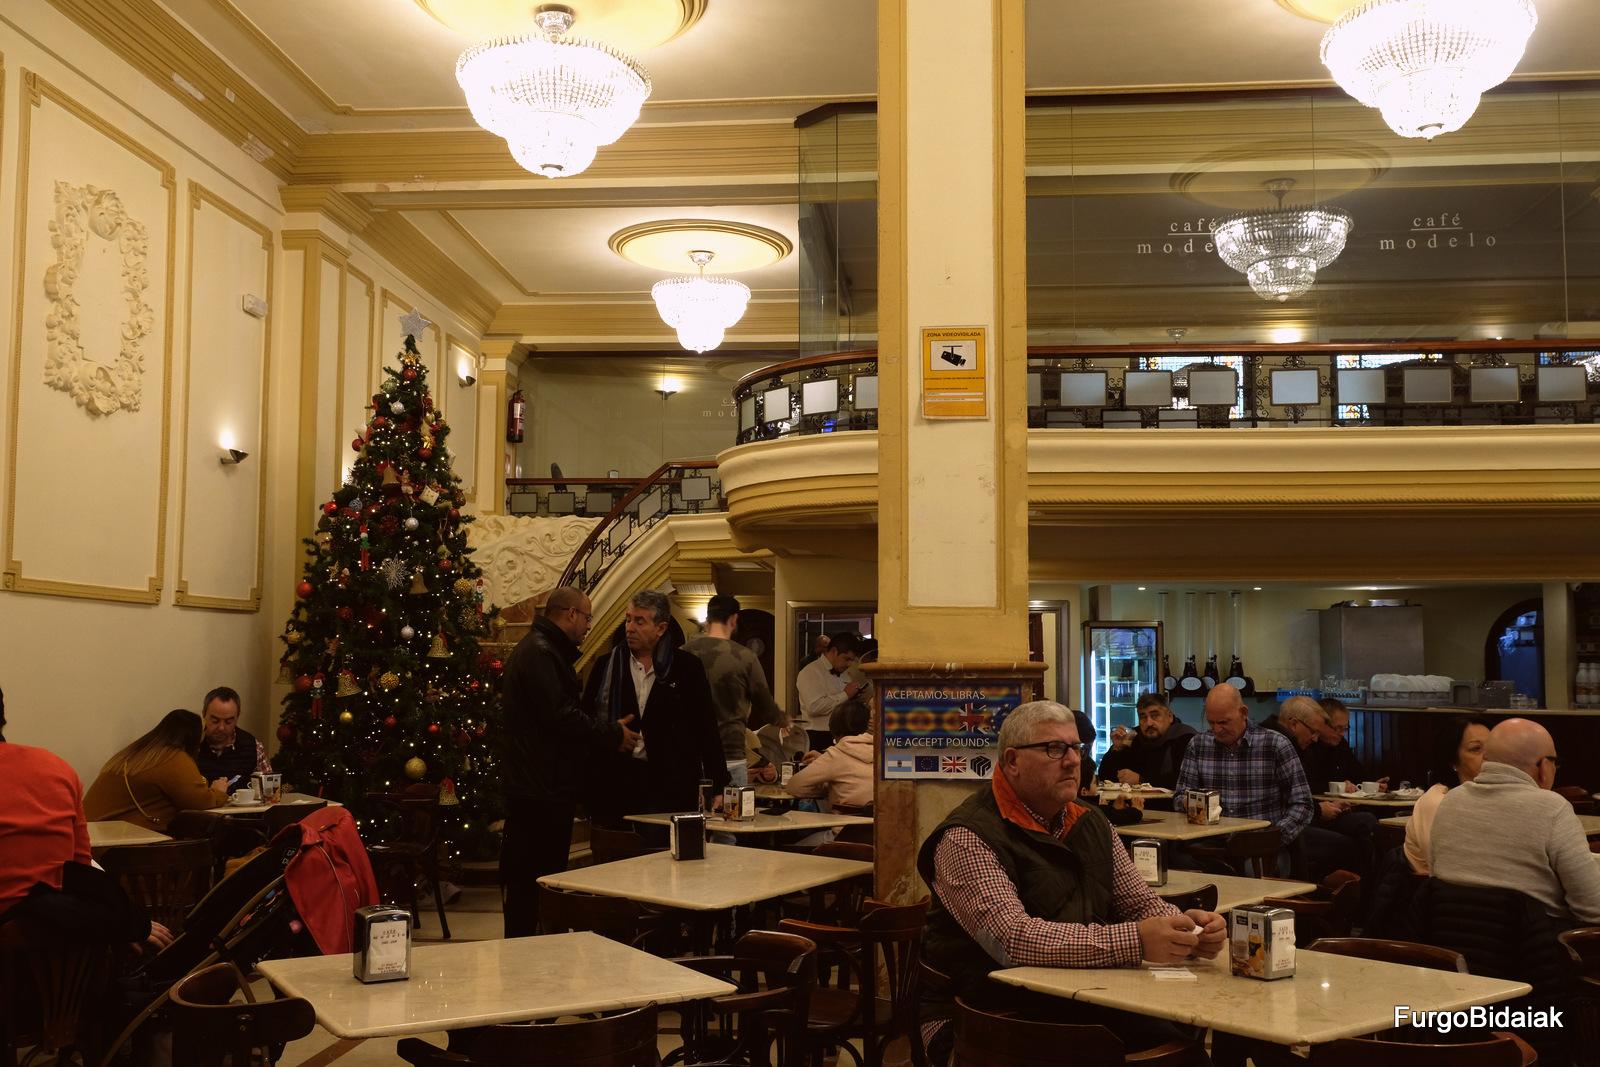 Tapeando por Cádiz, Café Modelo, La Linea de la Concepción